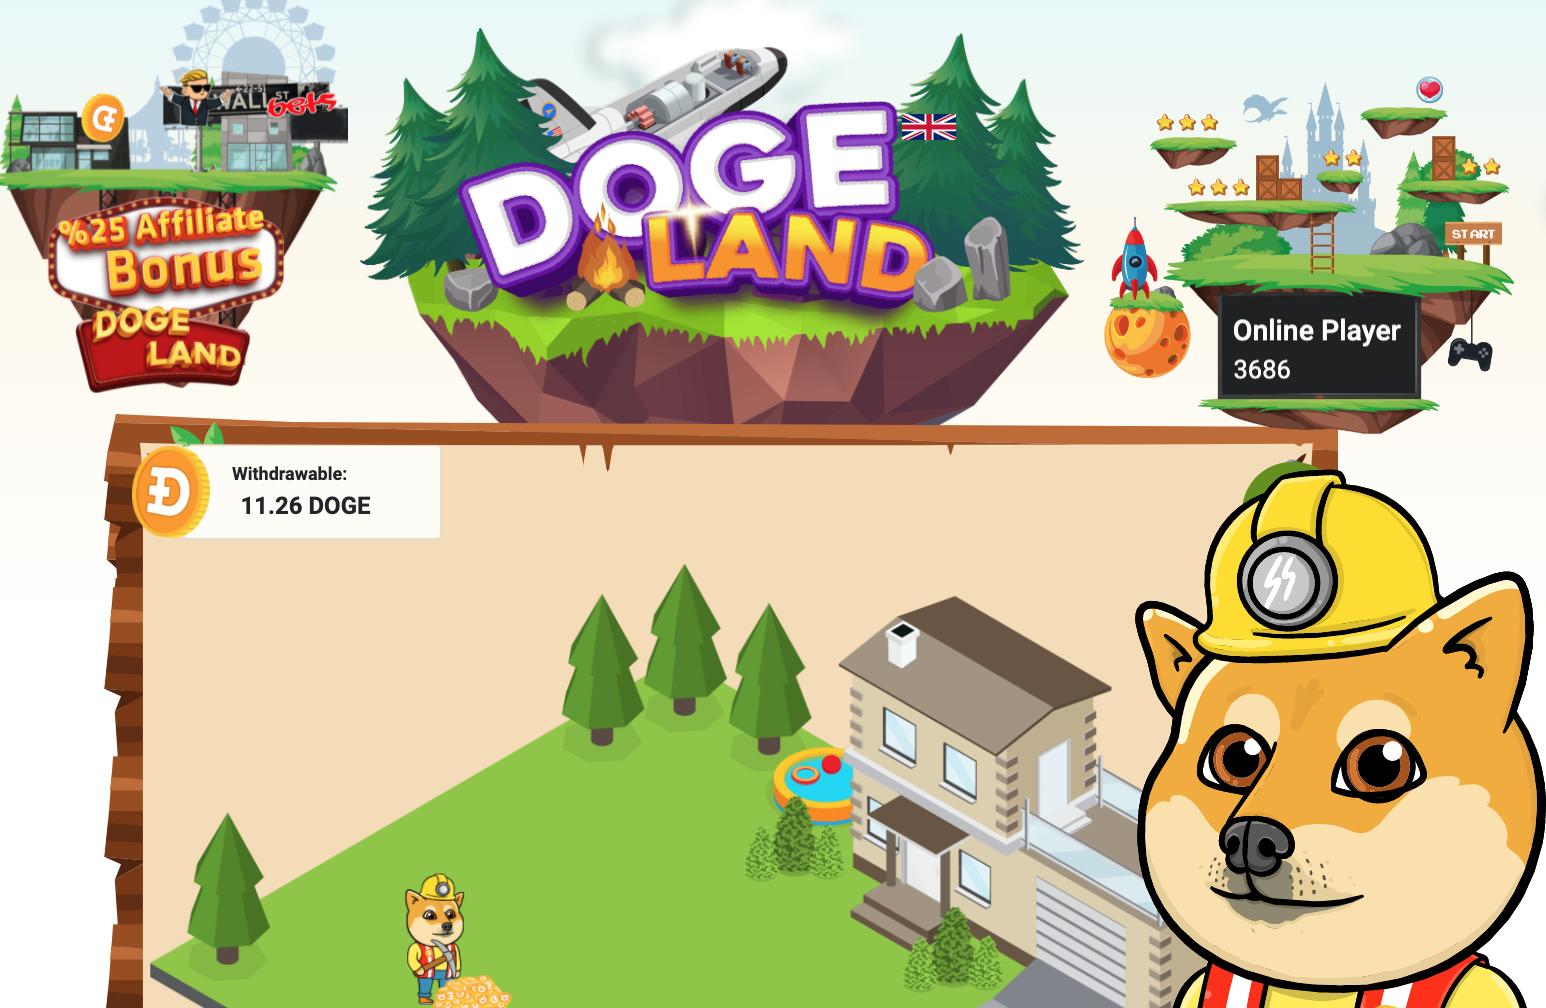 Від 2 DOGE в день безплатно